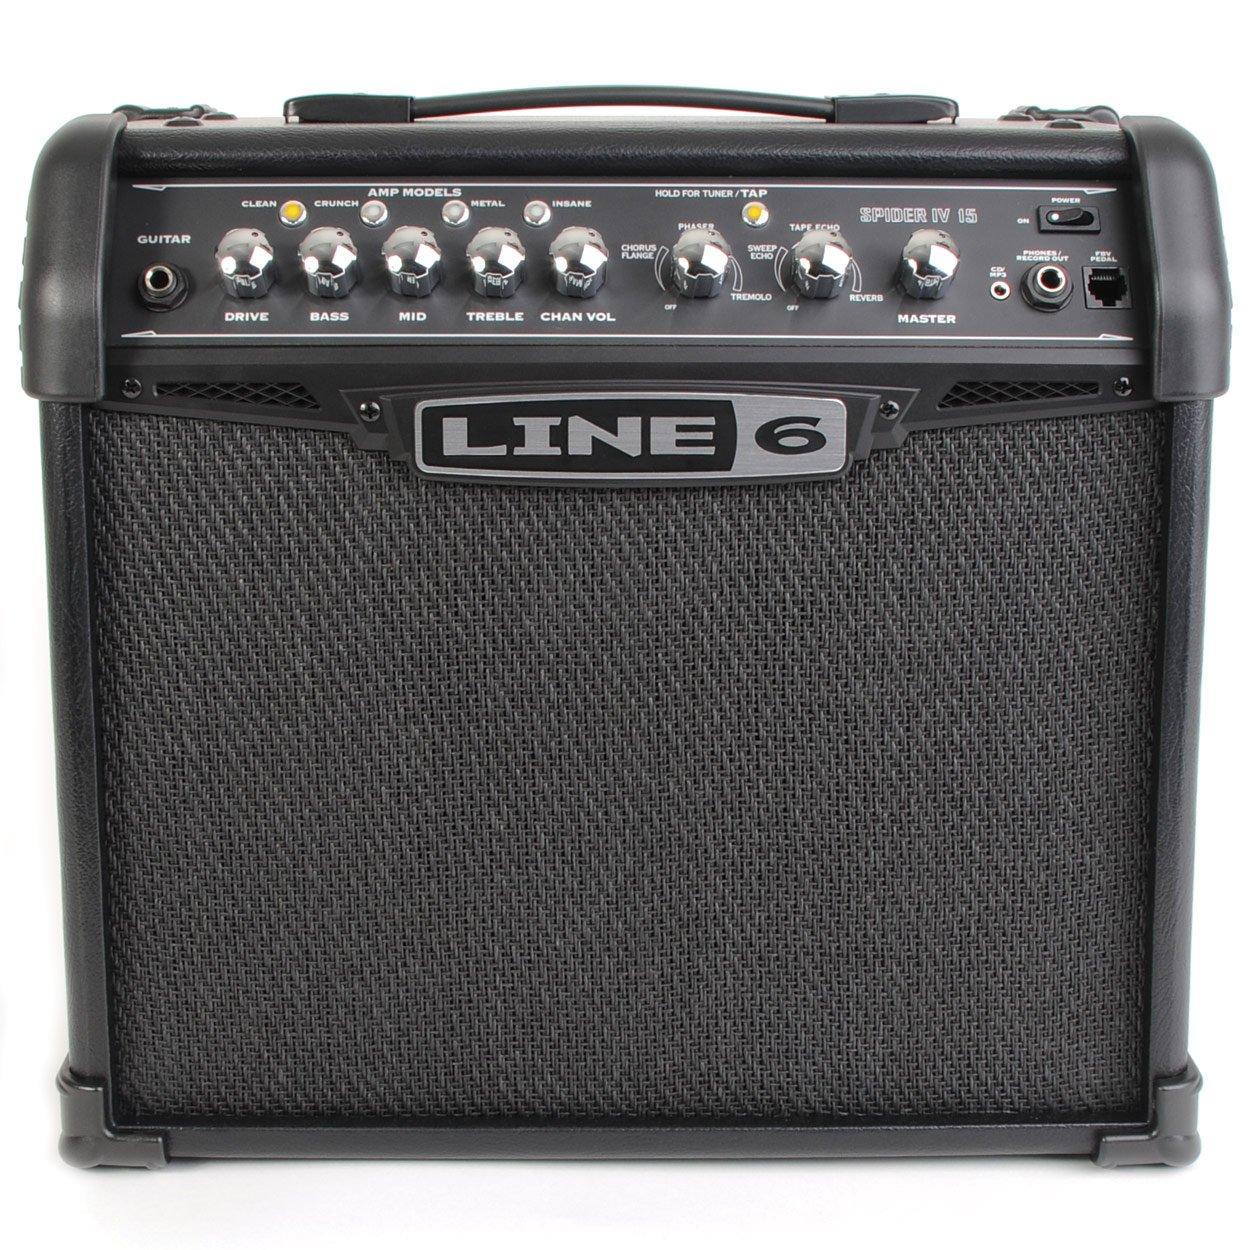 Line6 モデリングギターアンプ SPIDER IV 15 B002LWCMQ0